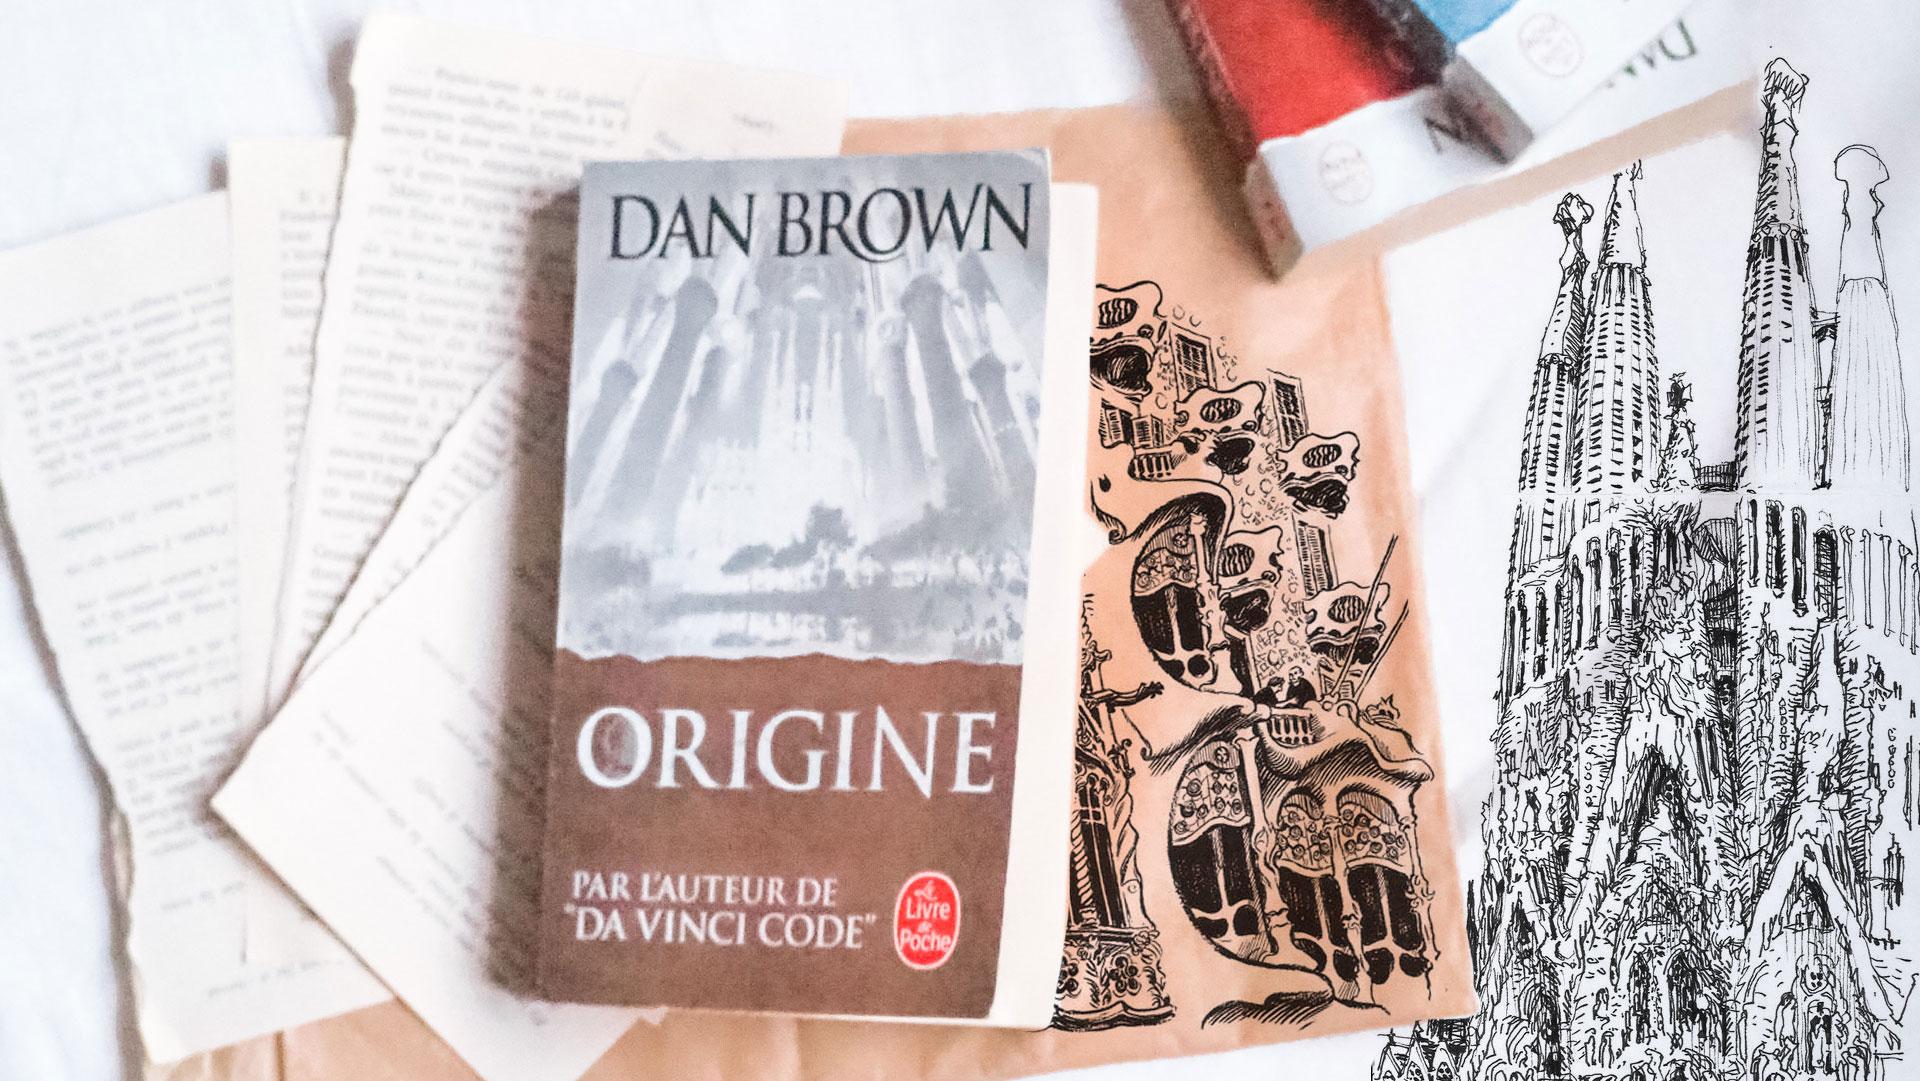 origine-dan-brown-2